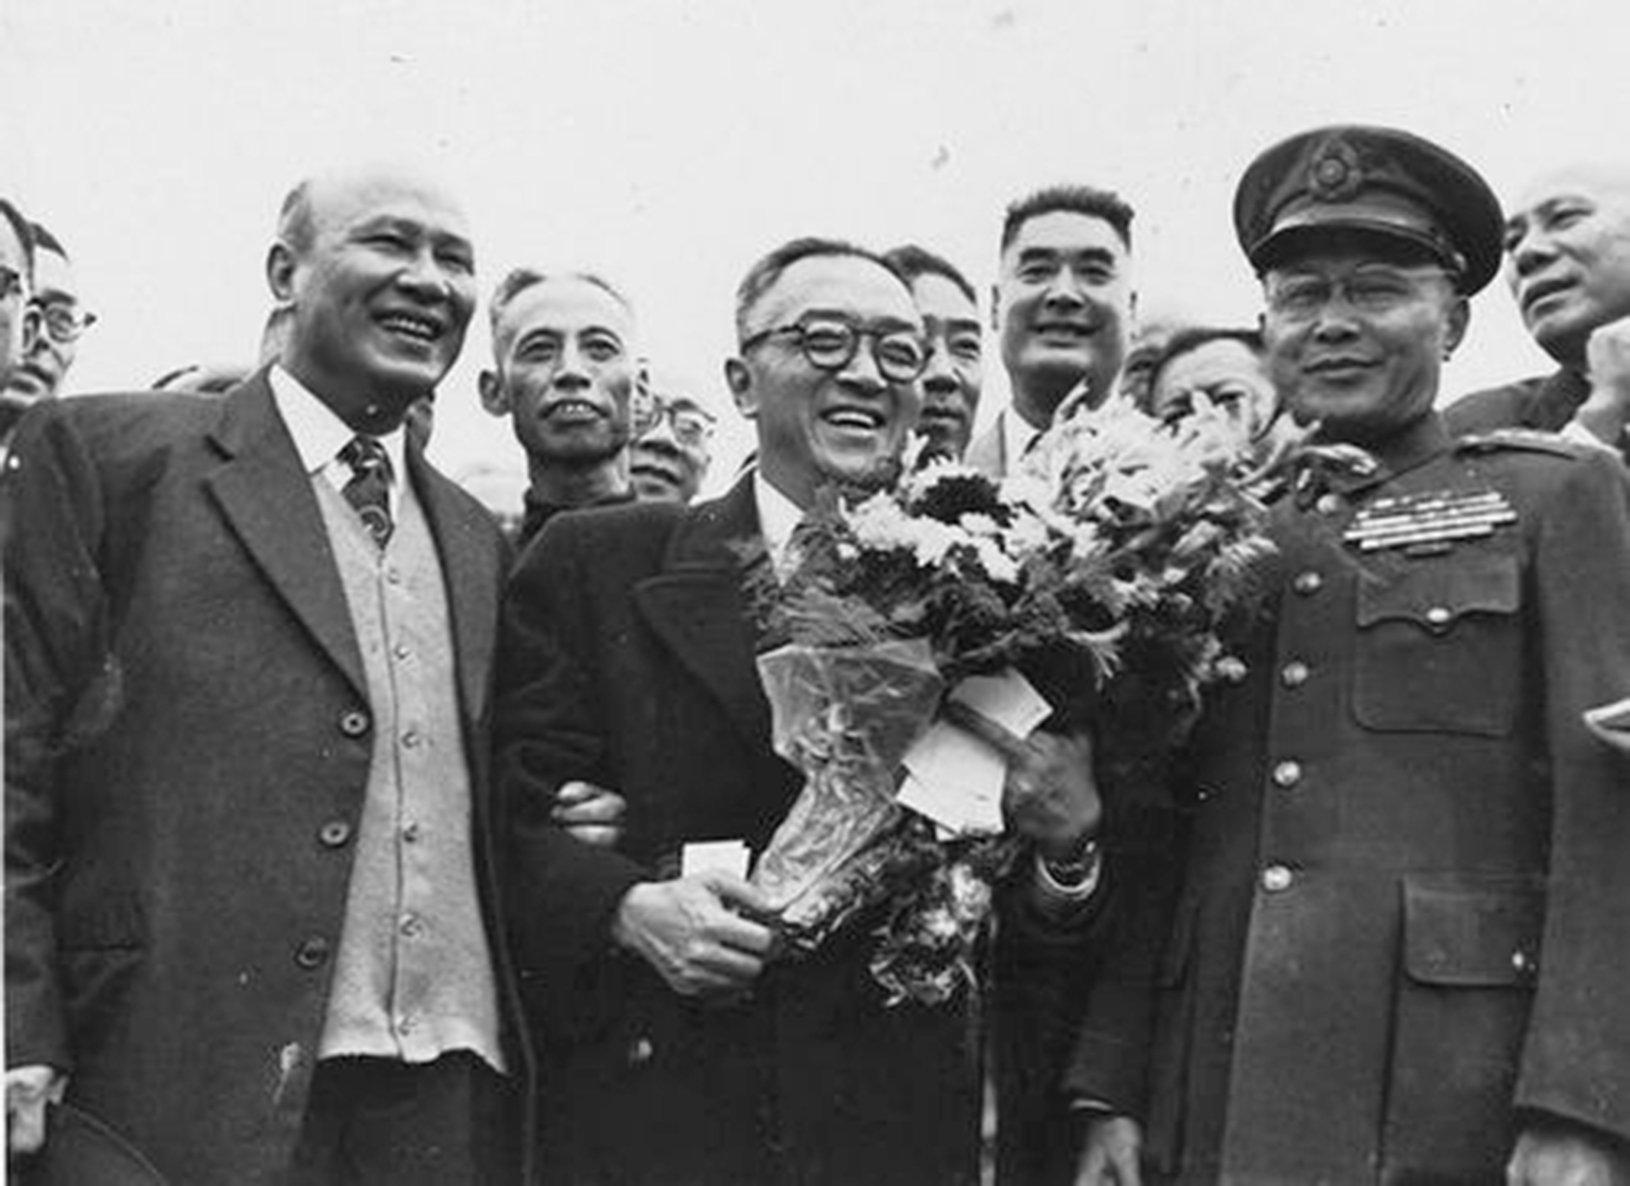 1952年11月19日,胡適(中)自美返台,受到白崇禧(左一)、何應欽(右一)等人的熱烈歡迎。(網絡圖片)